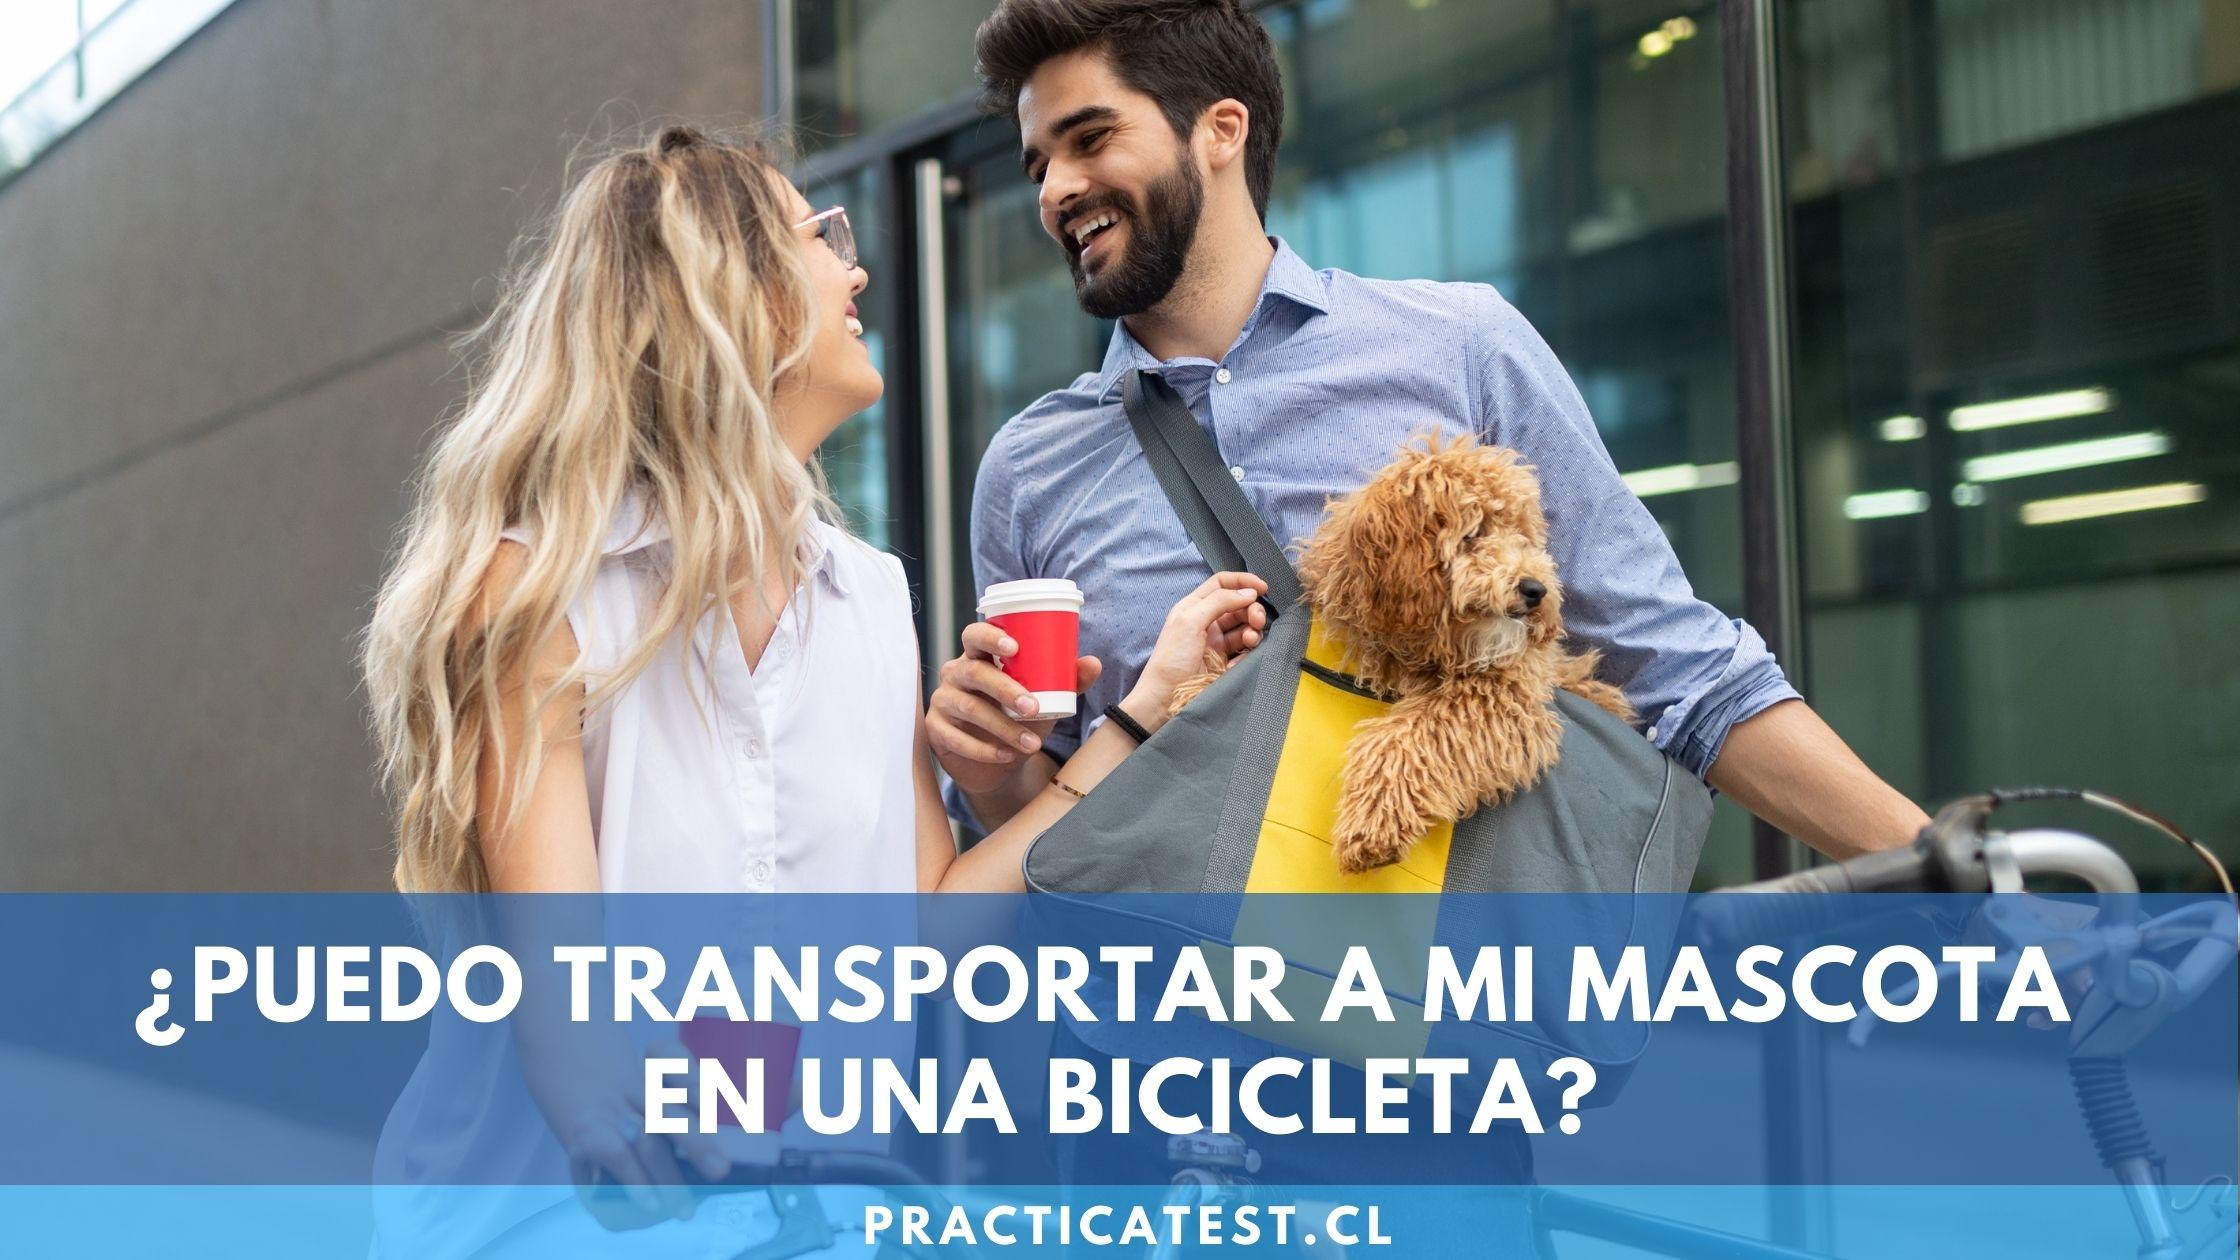 Cómo realizar el transporte de una mascota en bicicleta evitando posibles multas